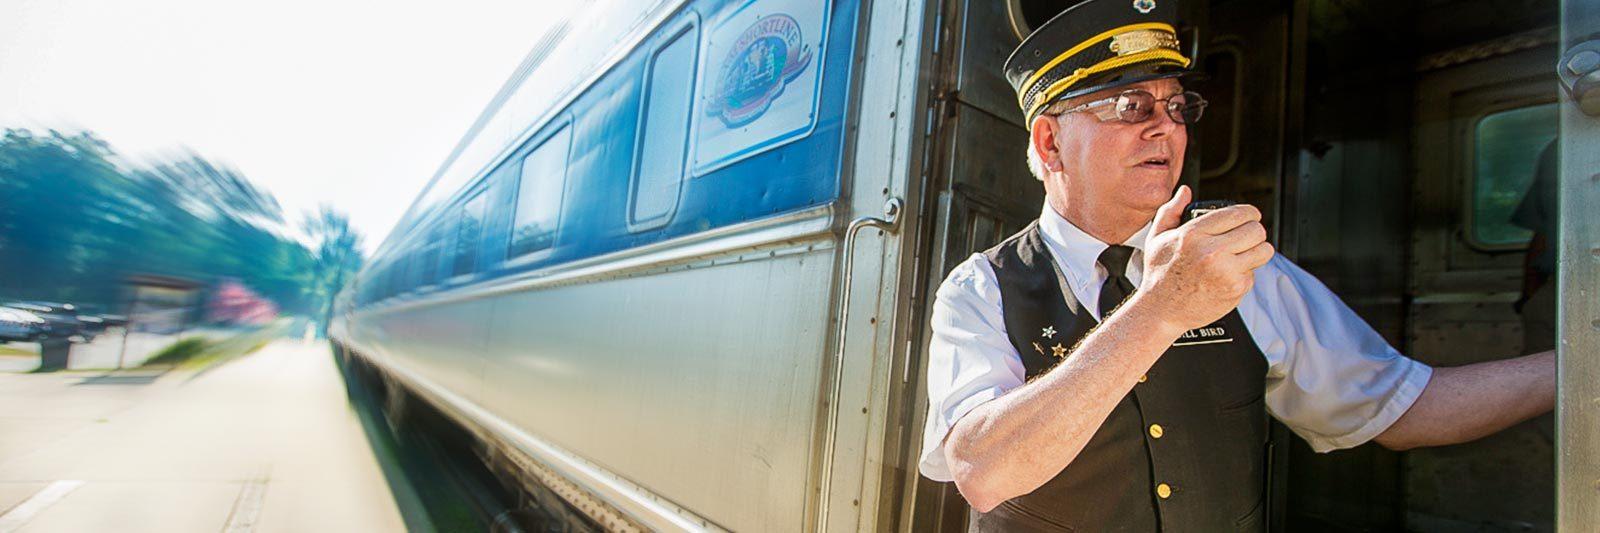 Lake Blackshear GA Veterans SAM Shortline Train 1